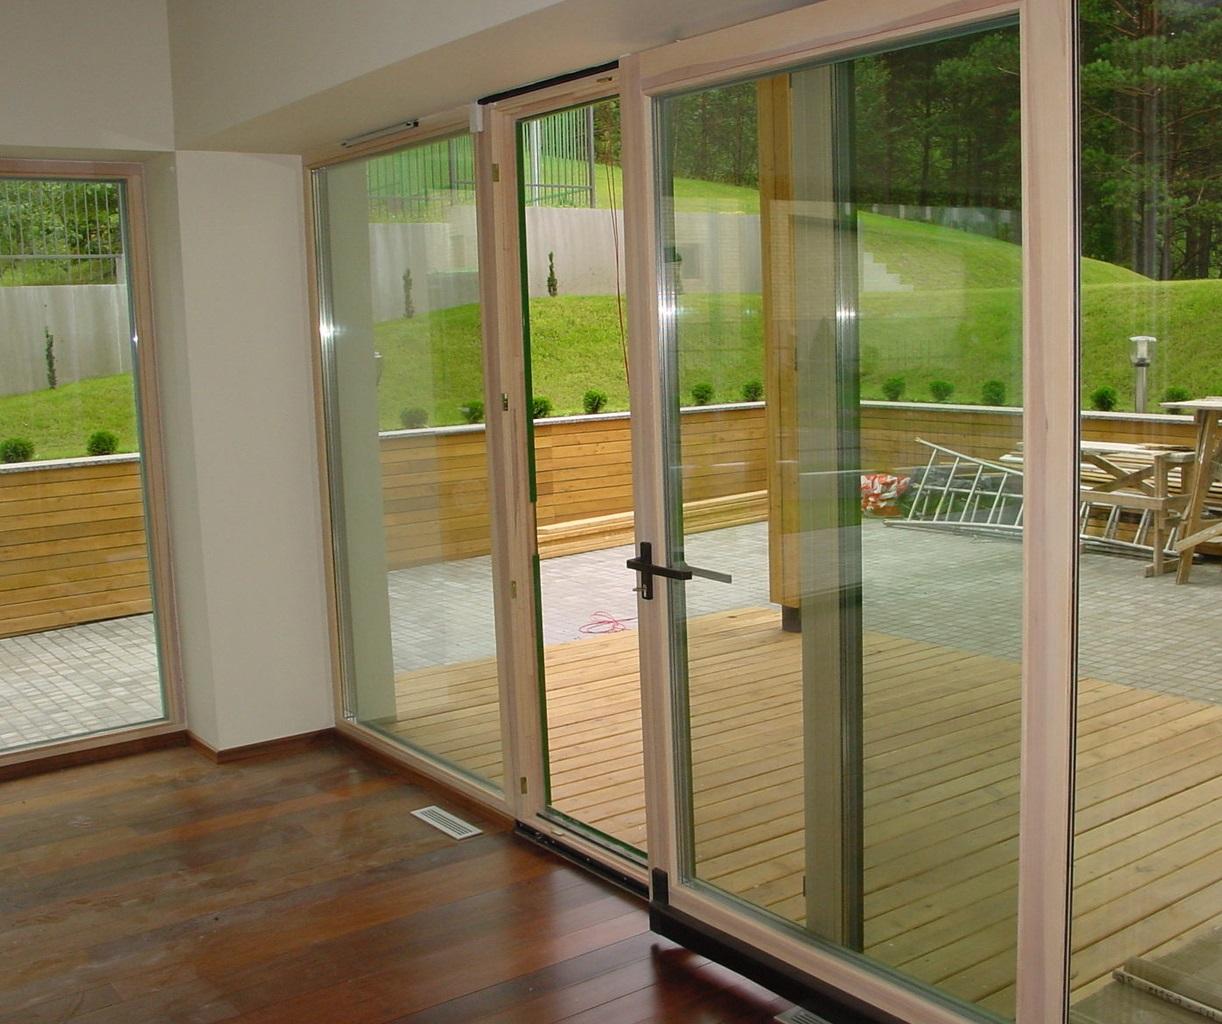 Раздвижные двери на балкон (64 фото): балконные пластиковые .